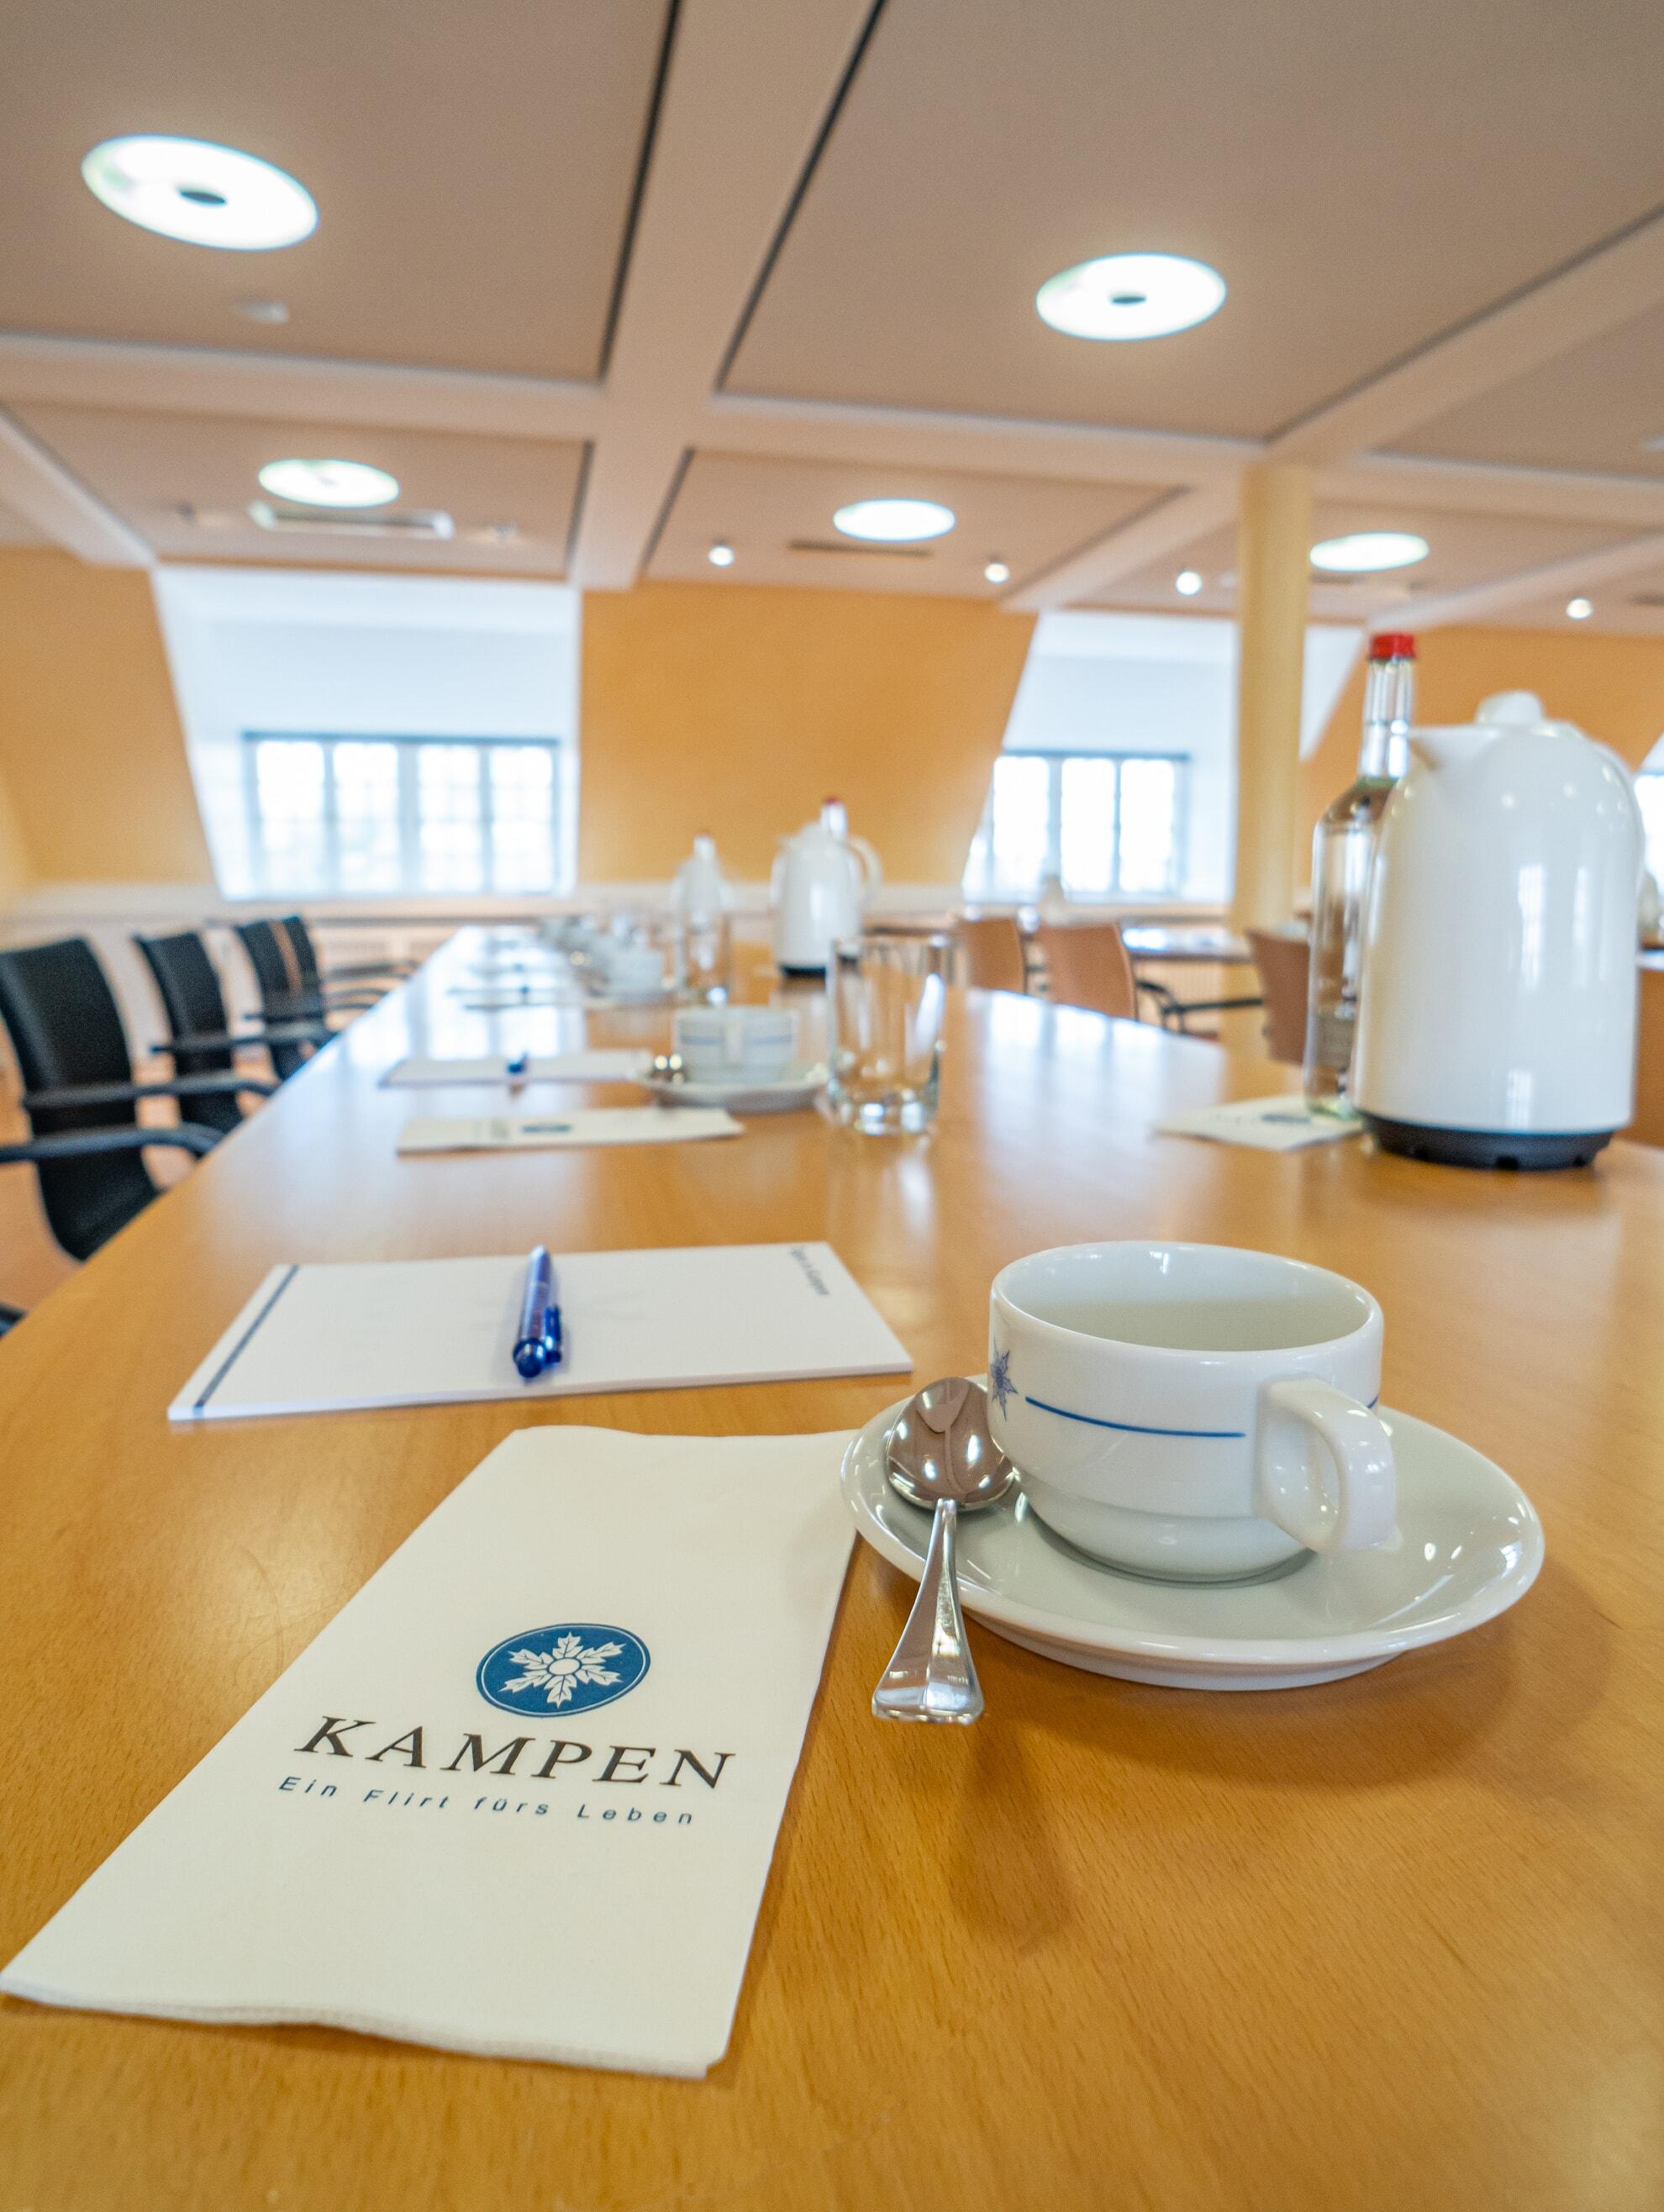 Kampen-Kilian-Westphal-Veranstaltungsraum-II-Tagung (4).jpg